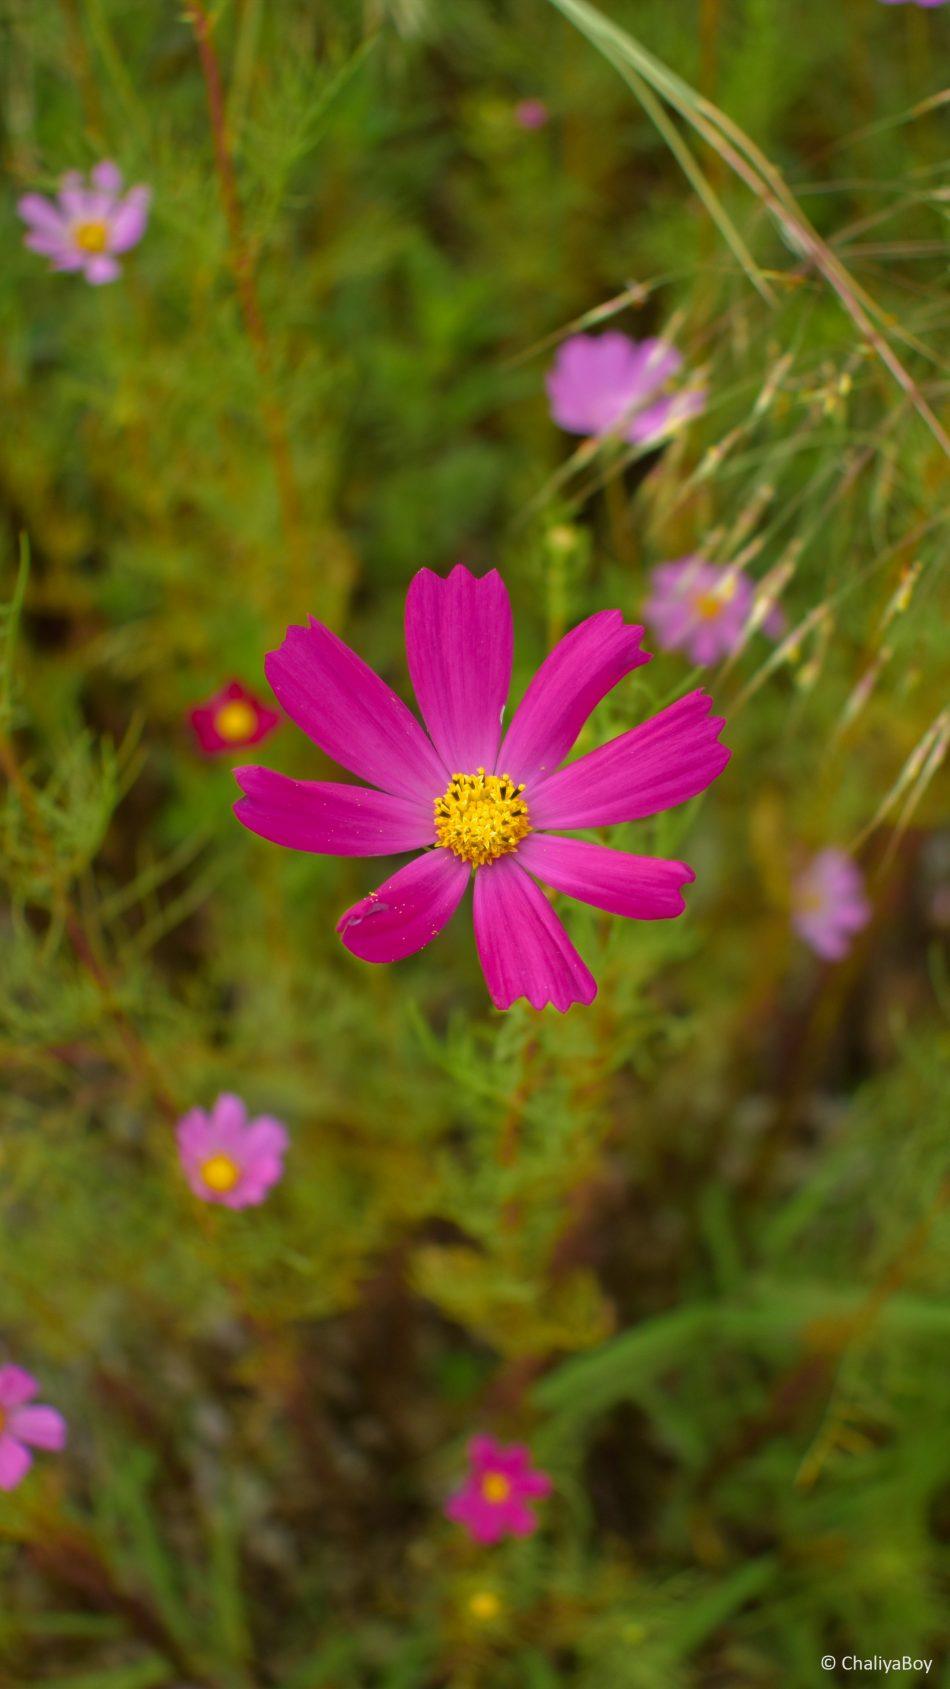 Pink Flower Garden Photography 4K Ultra HD Mobile Wallpaper